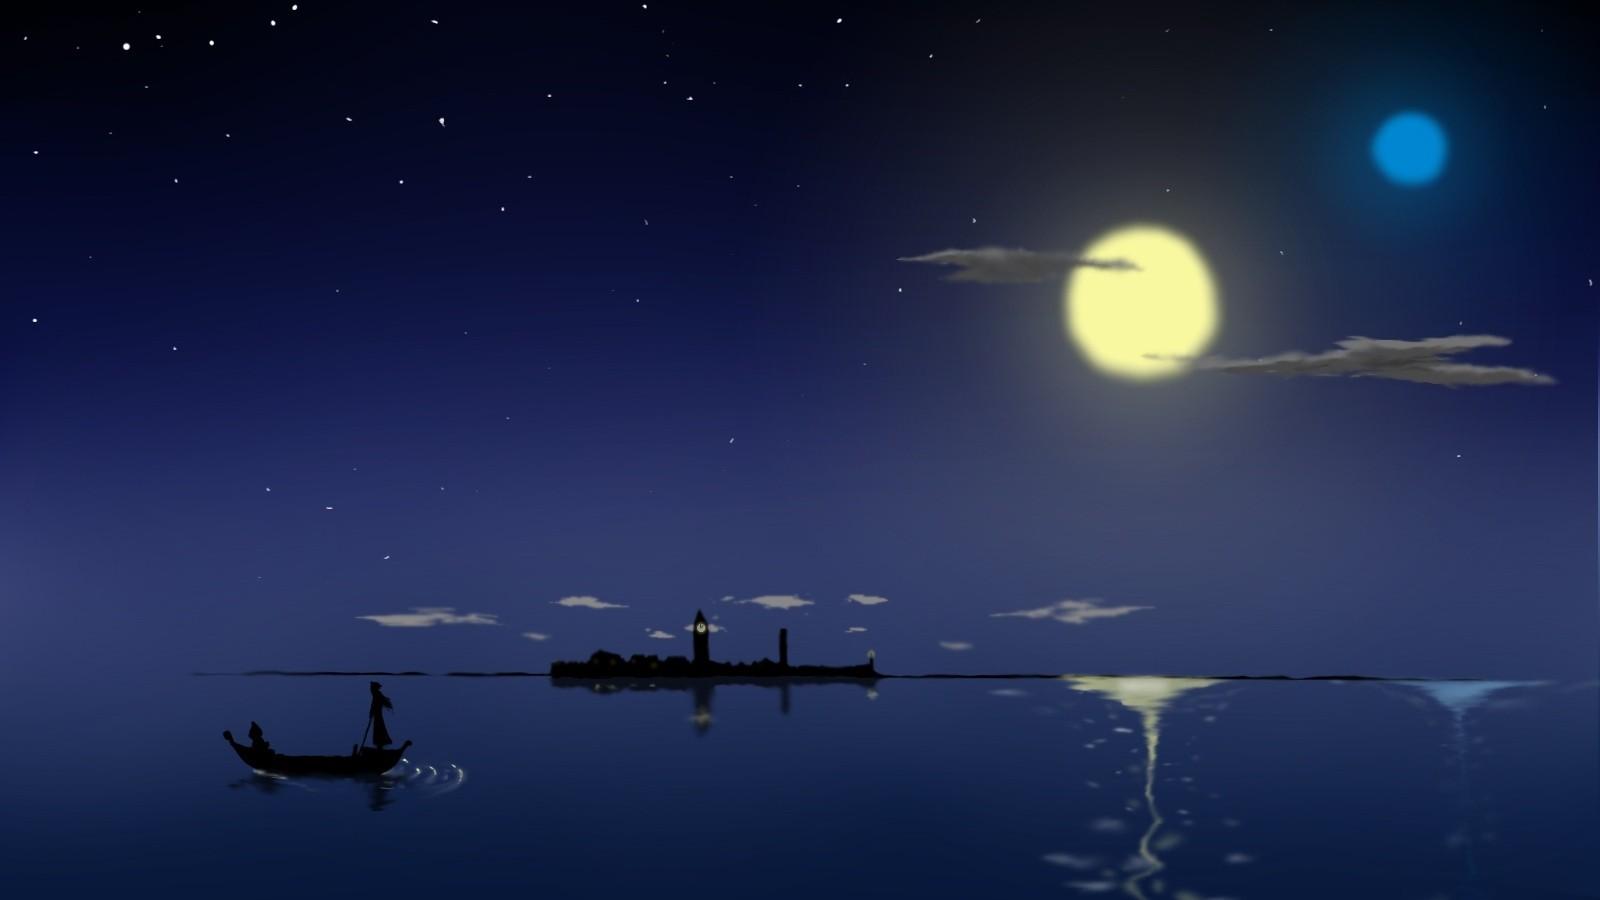 デスクトップ壁紙 ボート 海 夜 アニメ スペース 反射 月光